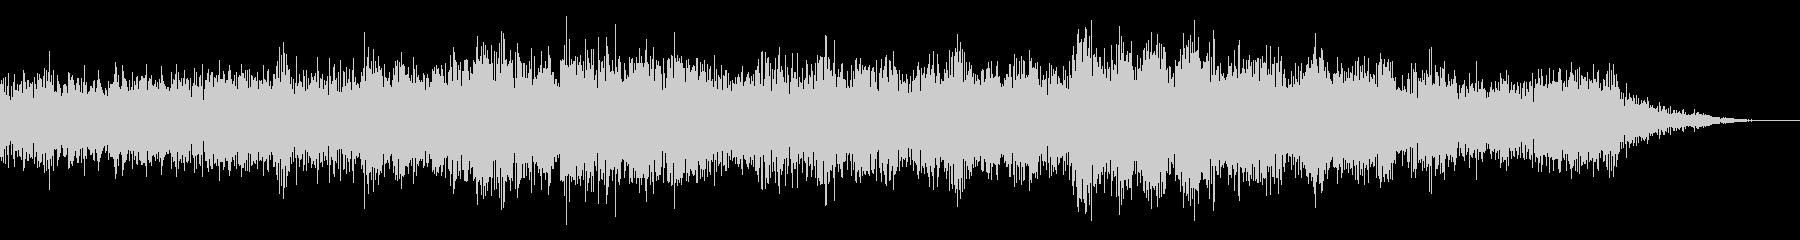 ホラー映画に出てきそうなノイズ系音源16の未再生の波形